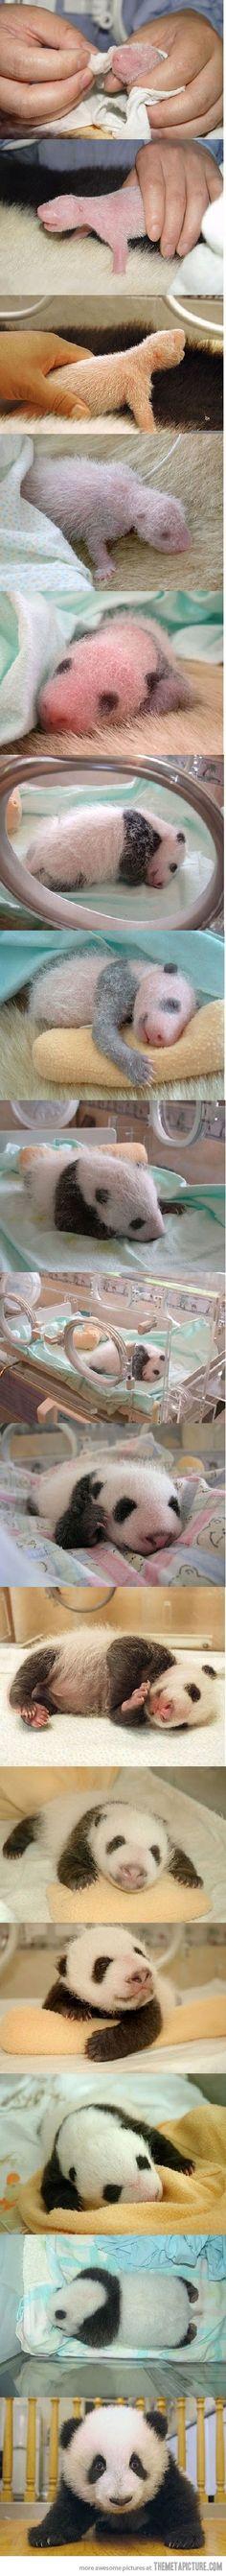 Panda bébé naissant  *_*